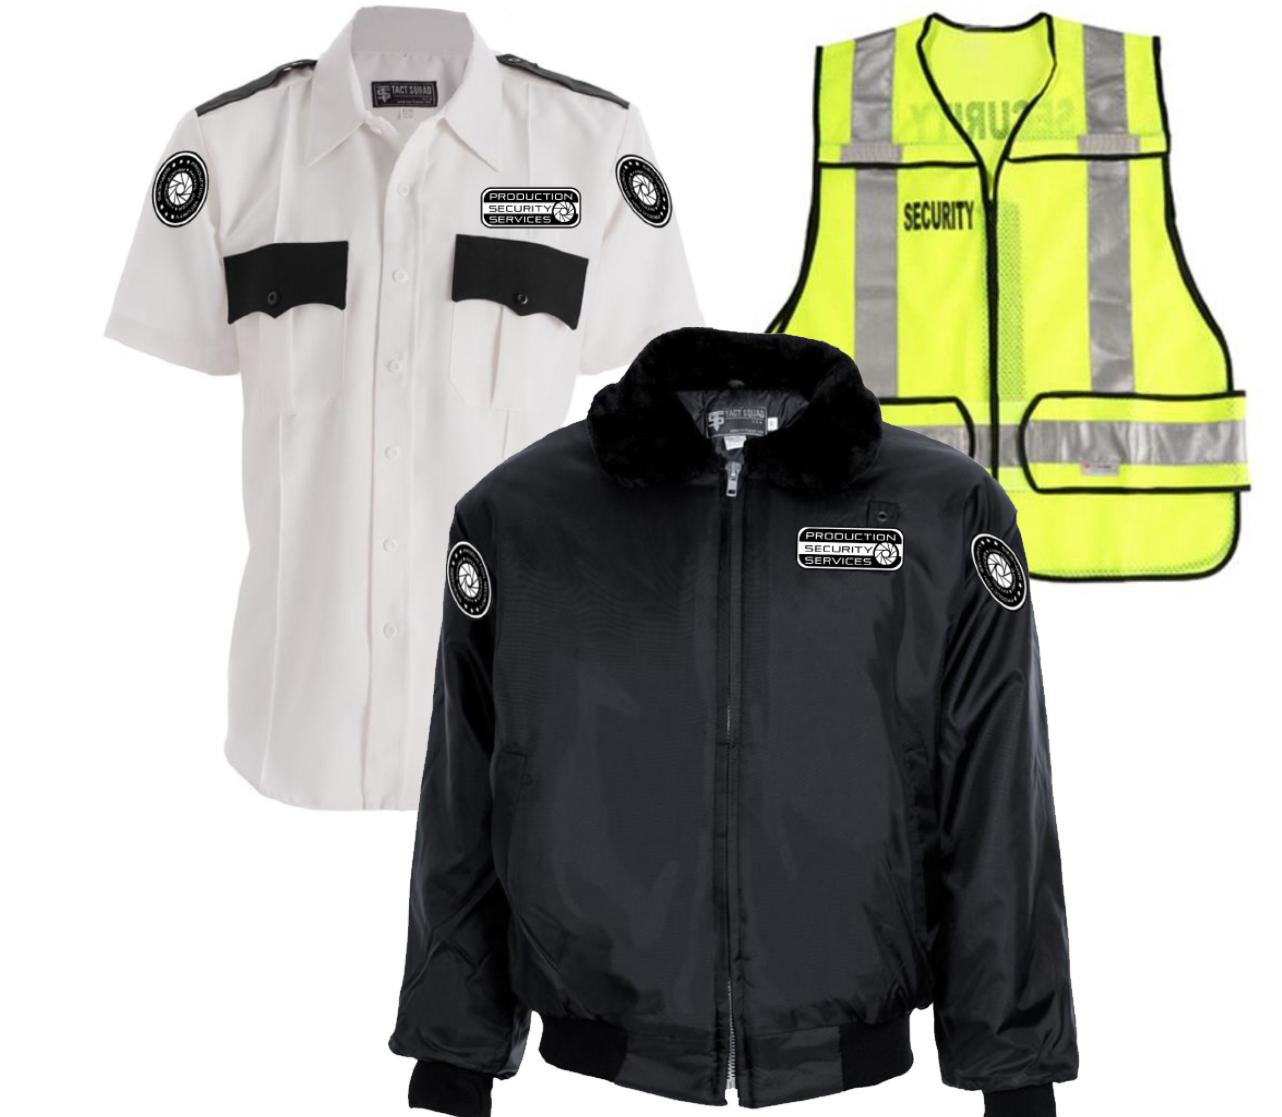 White Shirt-Black Jacket-Hi Vis Vest